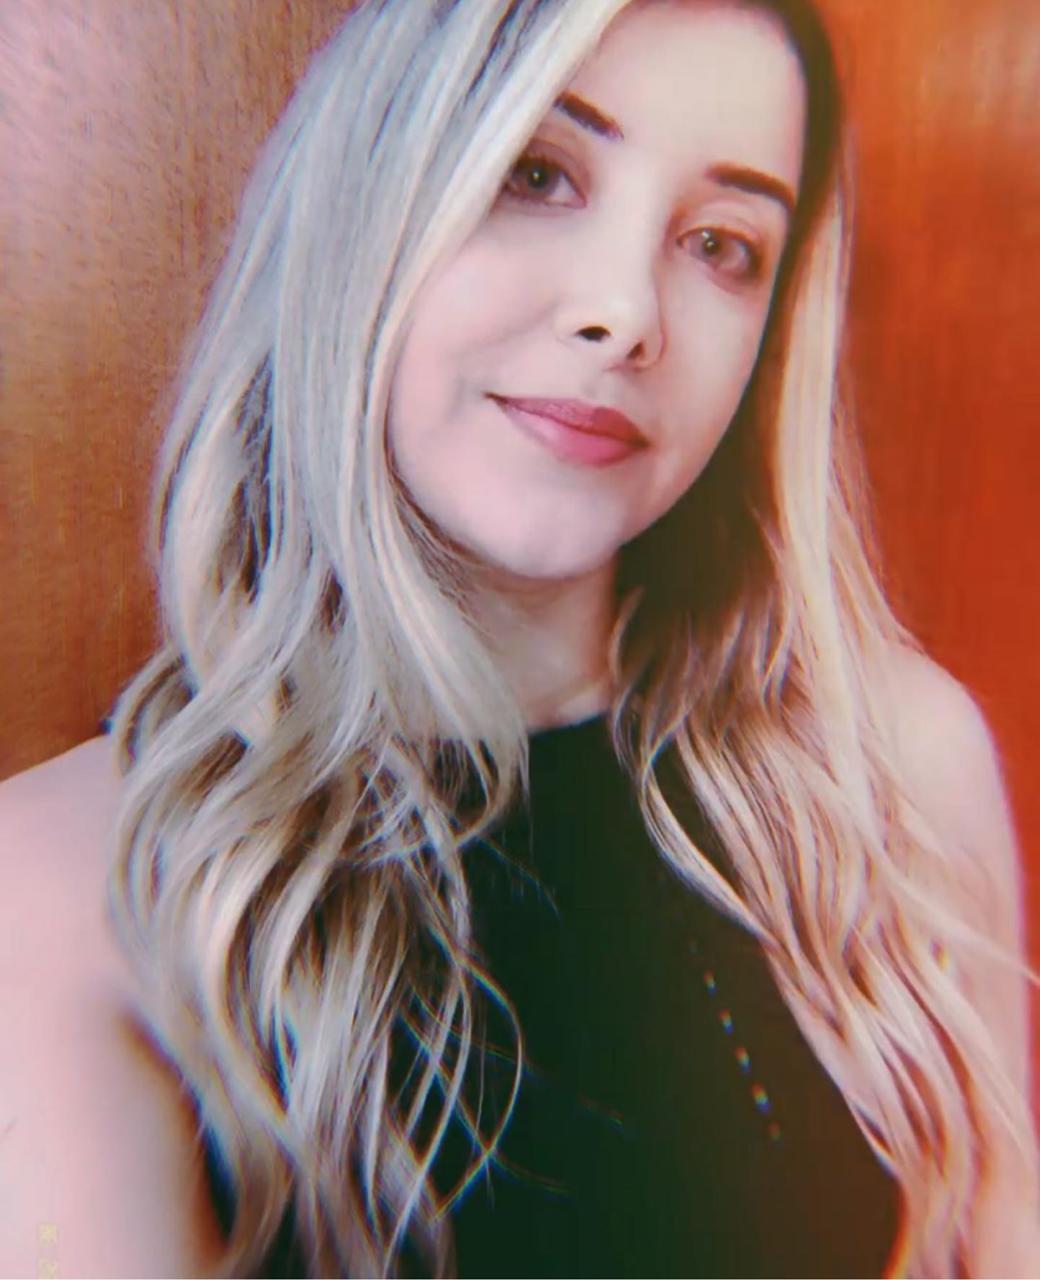 Morte de Roberta Pereira gerou onda de comoção nas redes sociais